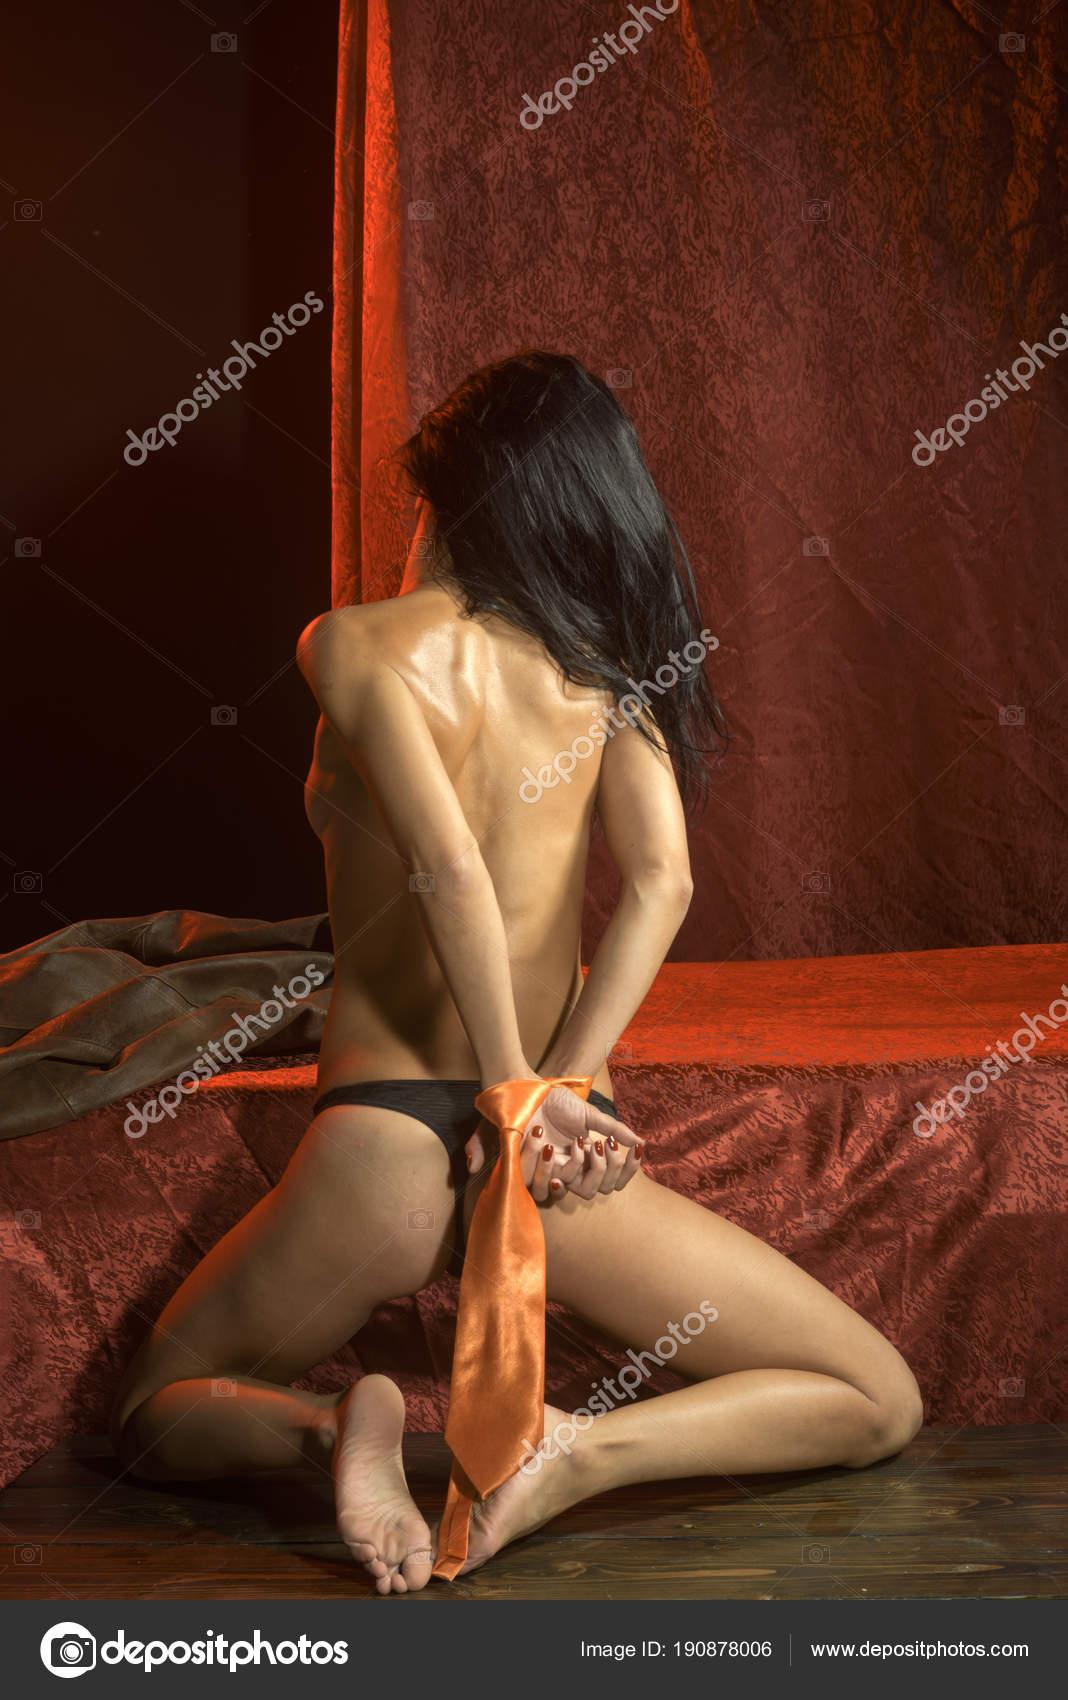 γυμνό κορίτσι φωτογραφία σεξ